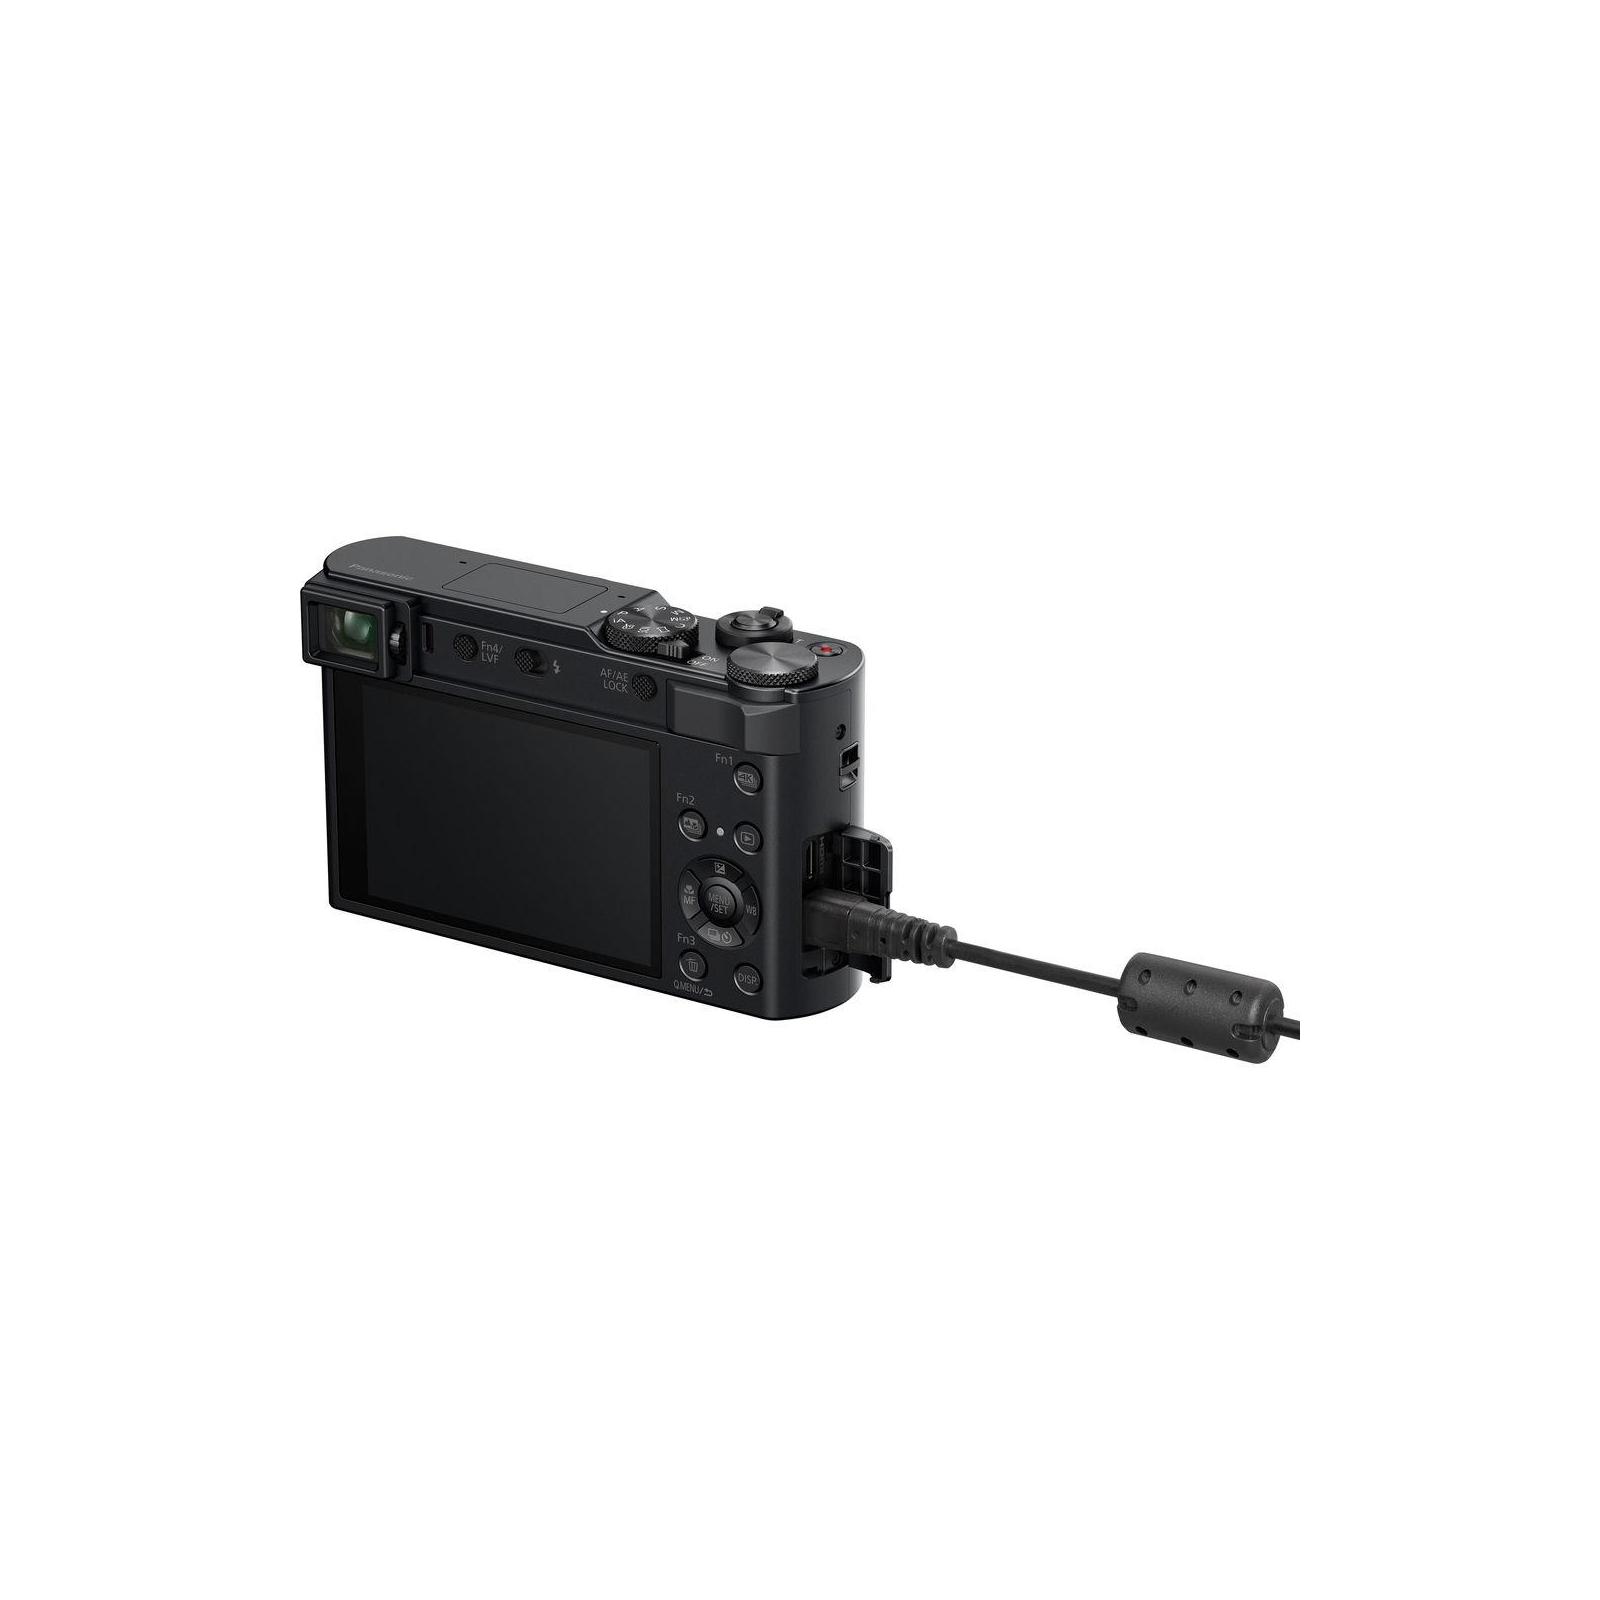 Цифровой фотоаппарат PANASONIC LUMIX DC-TZ200 Black (DC-TZ200EE-K) изображение 7